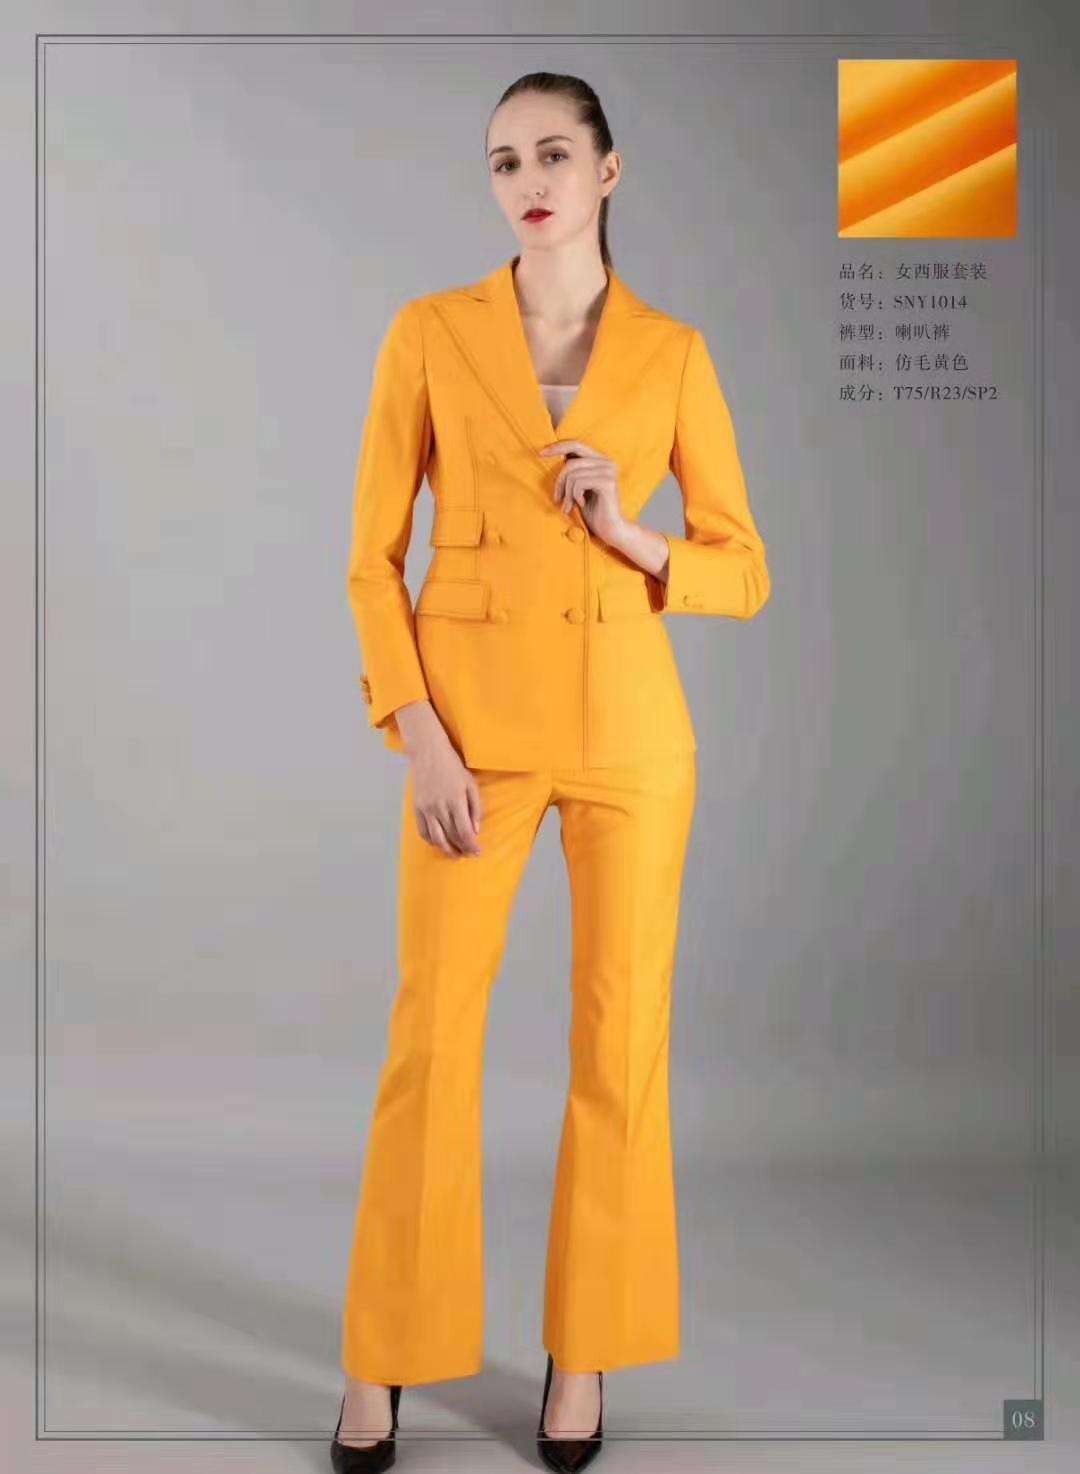 姜黄色双排扣翻领小西服喇叭裤套装女装私人订制